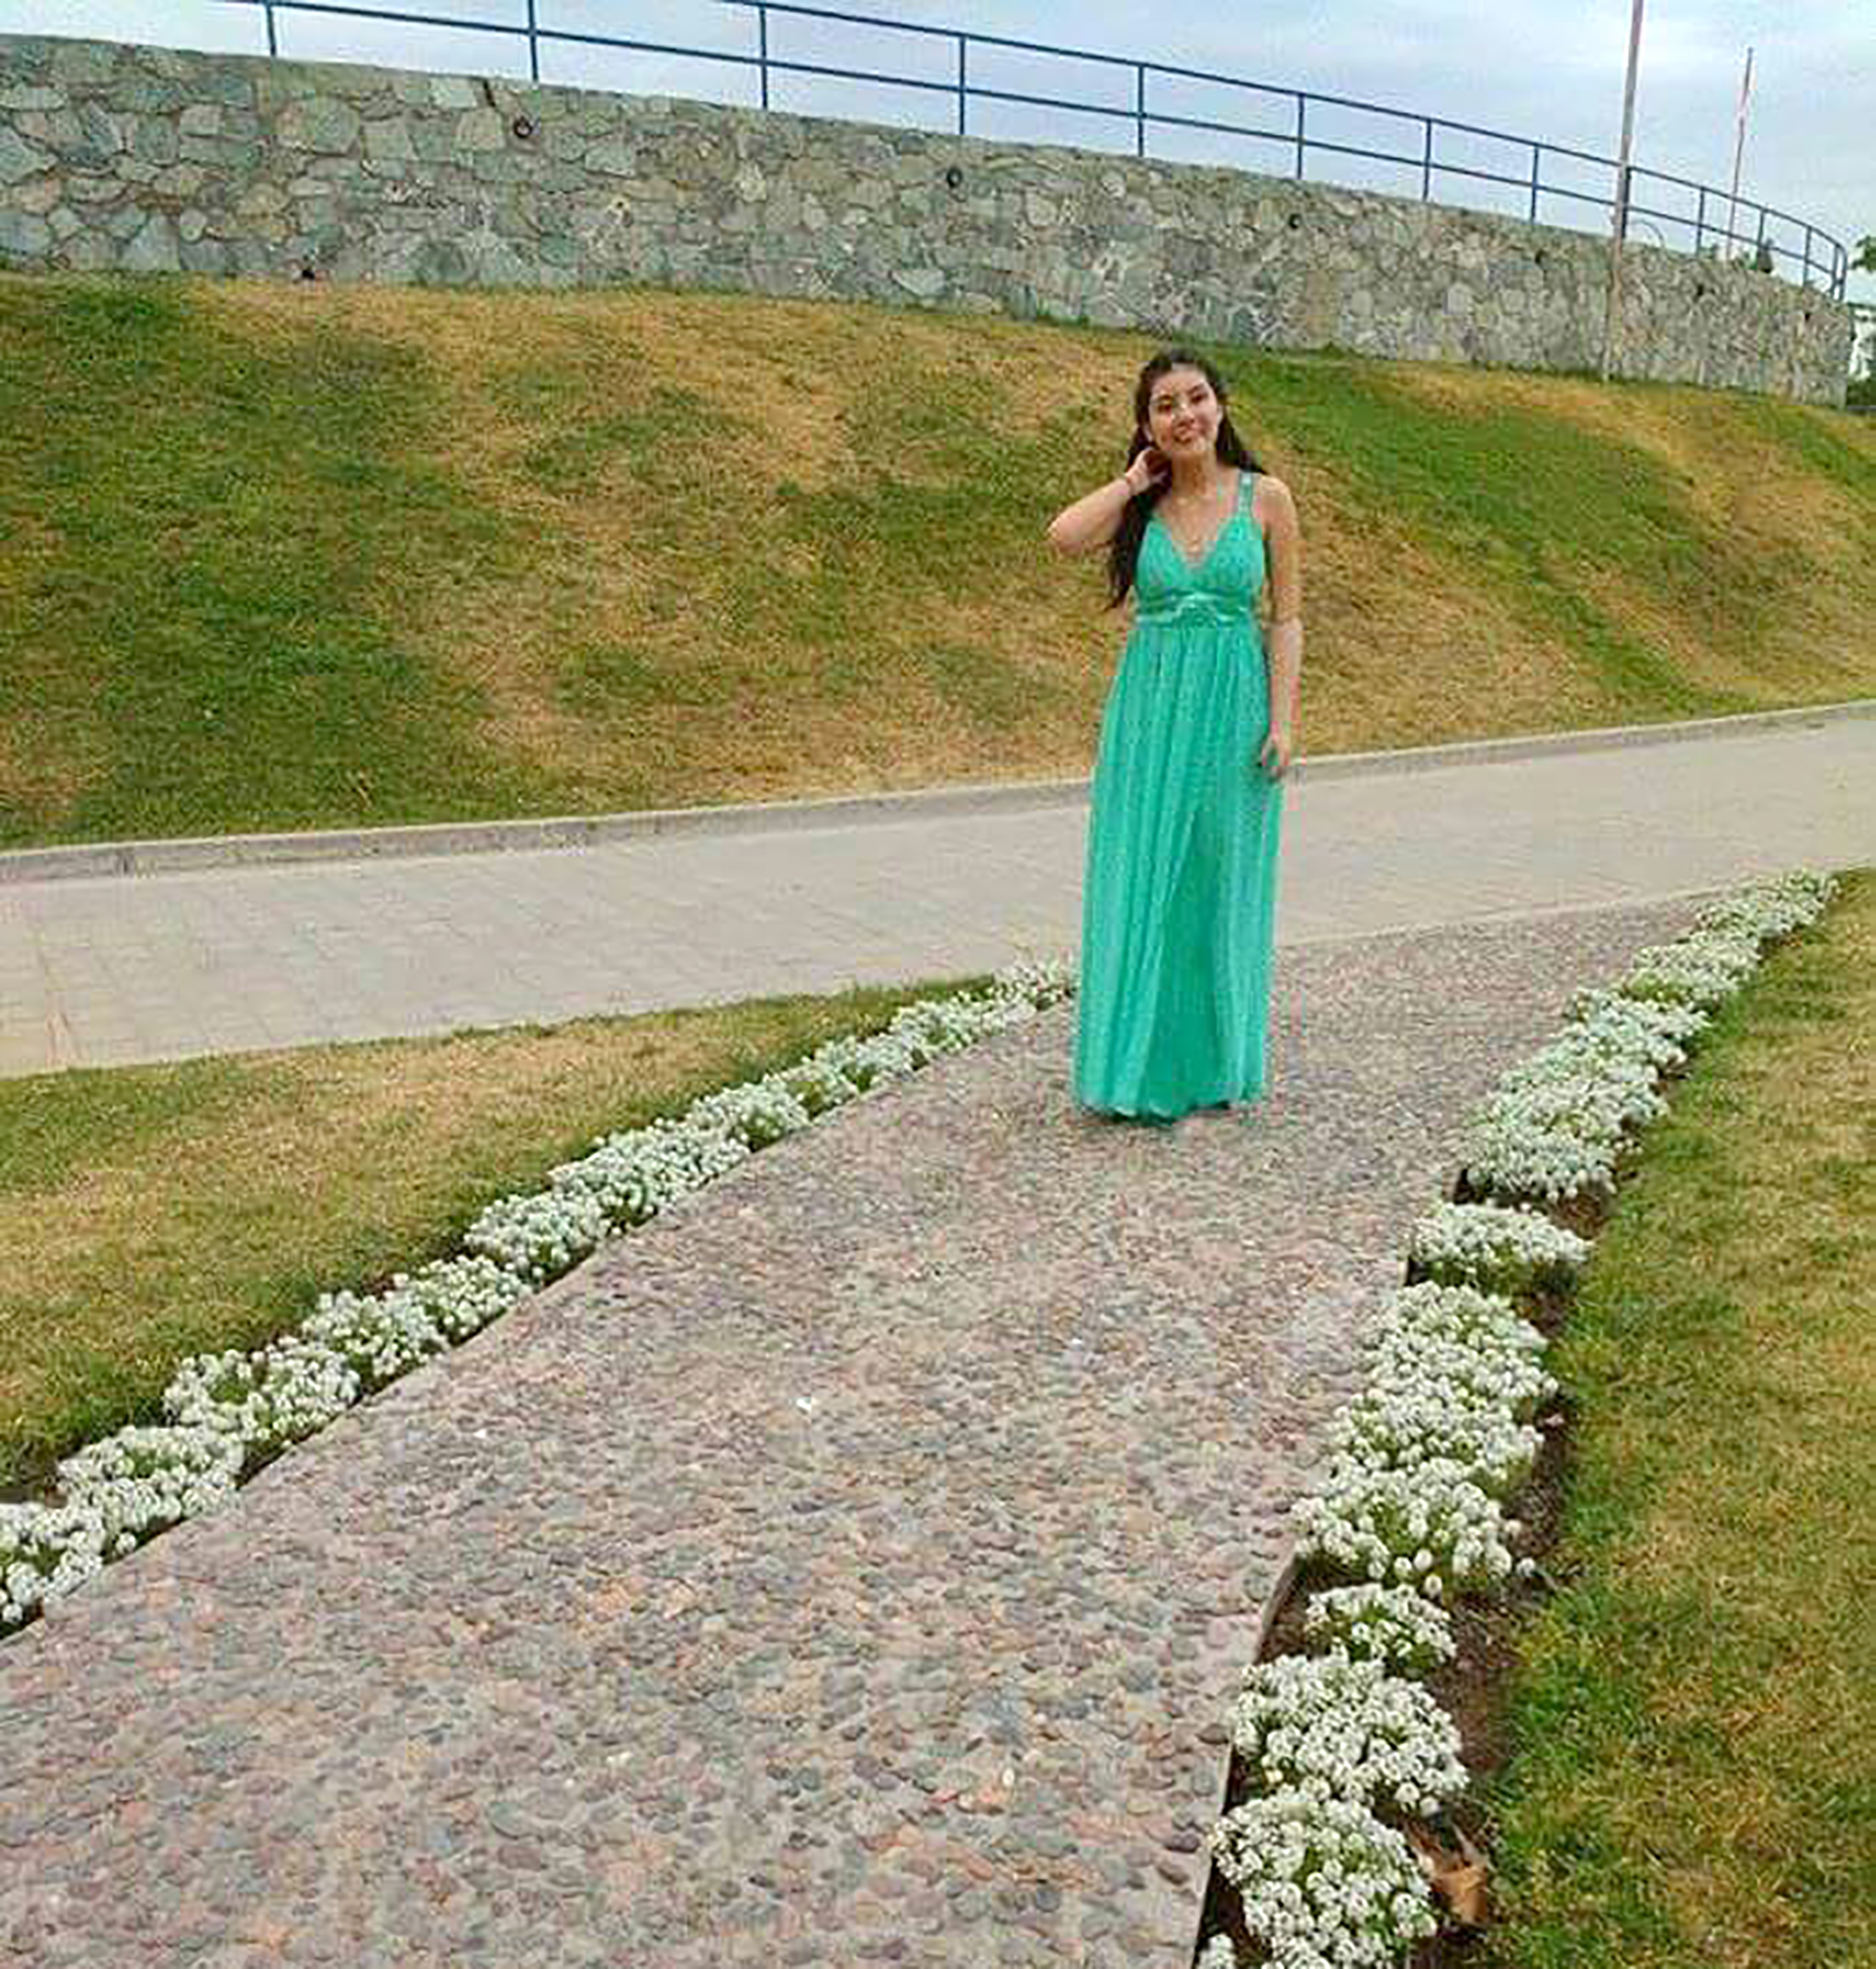 La joven de 16 años quiere irse a estudiar a Córdoba Capital y necesita volver a caminar